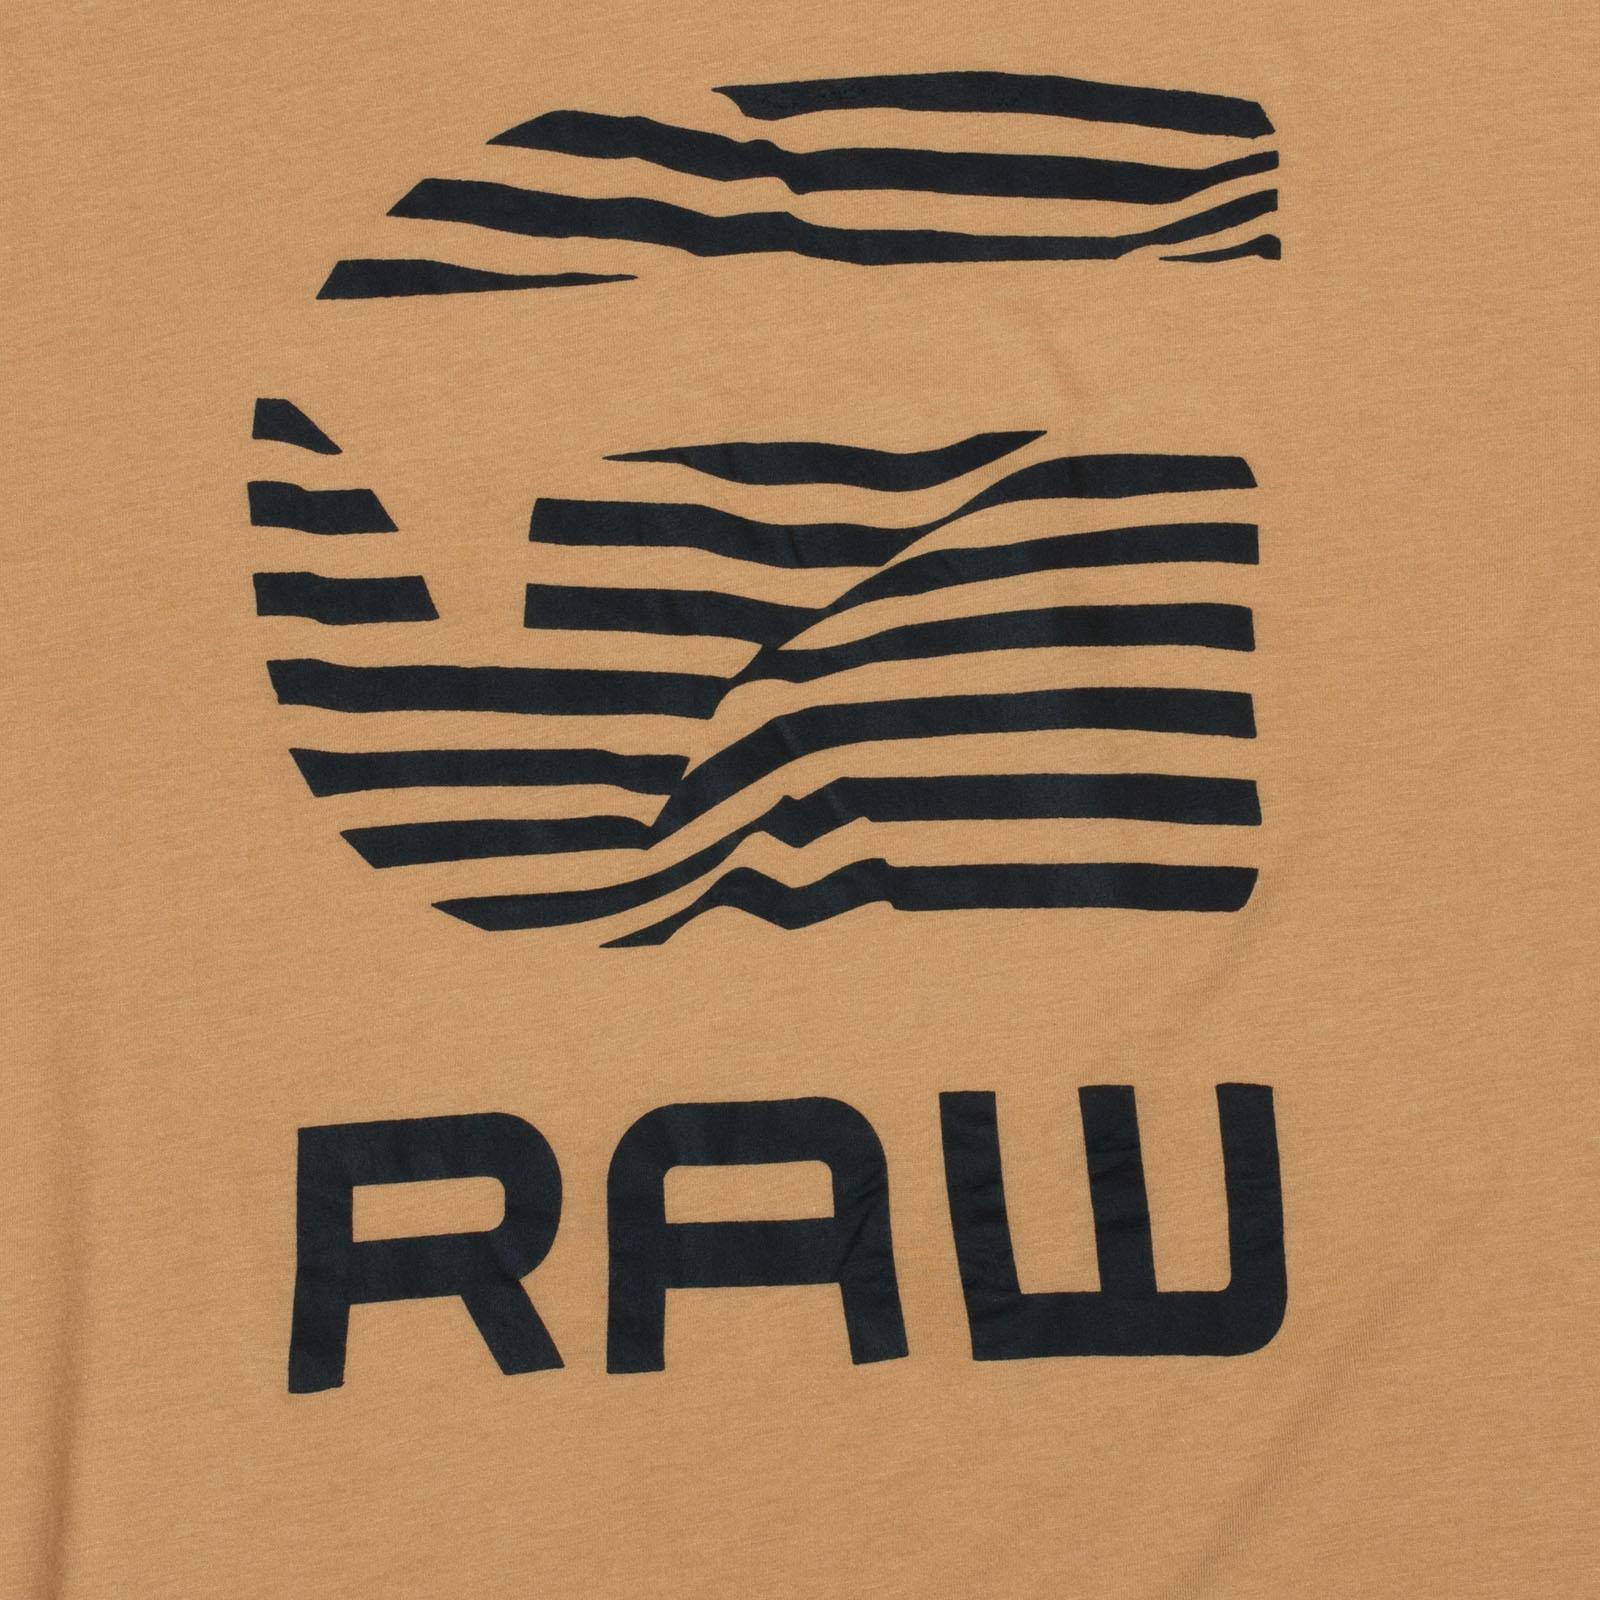 Удобная футболка от бренда G-Star Raw® Radcort (Голландия)